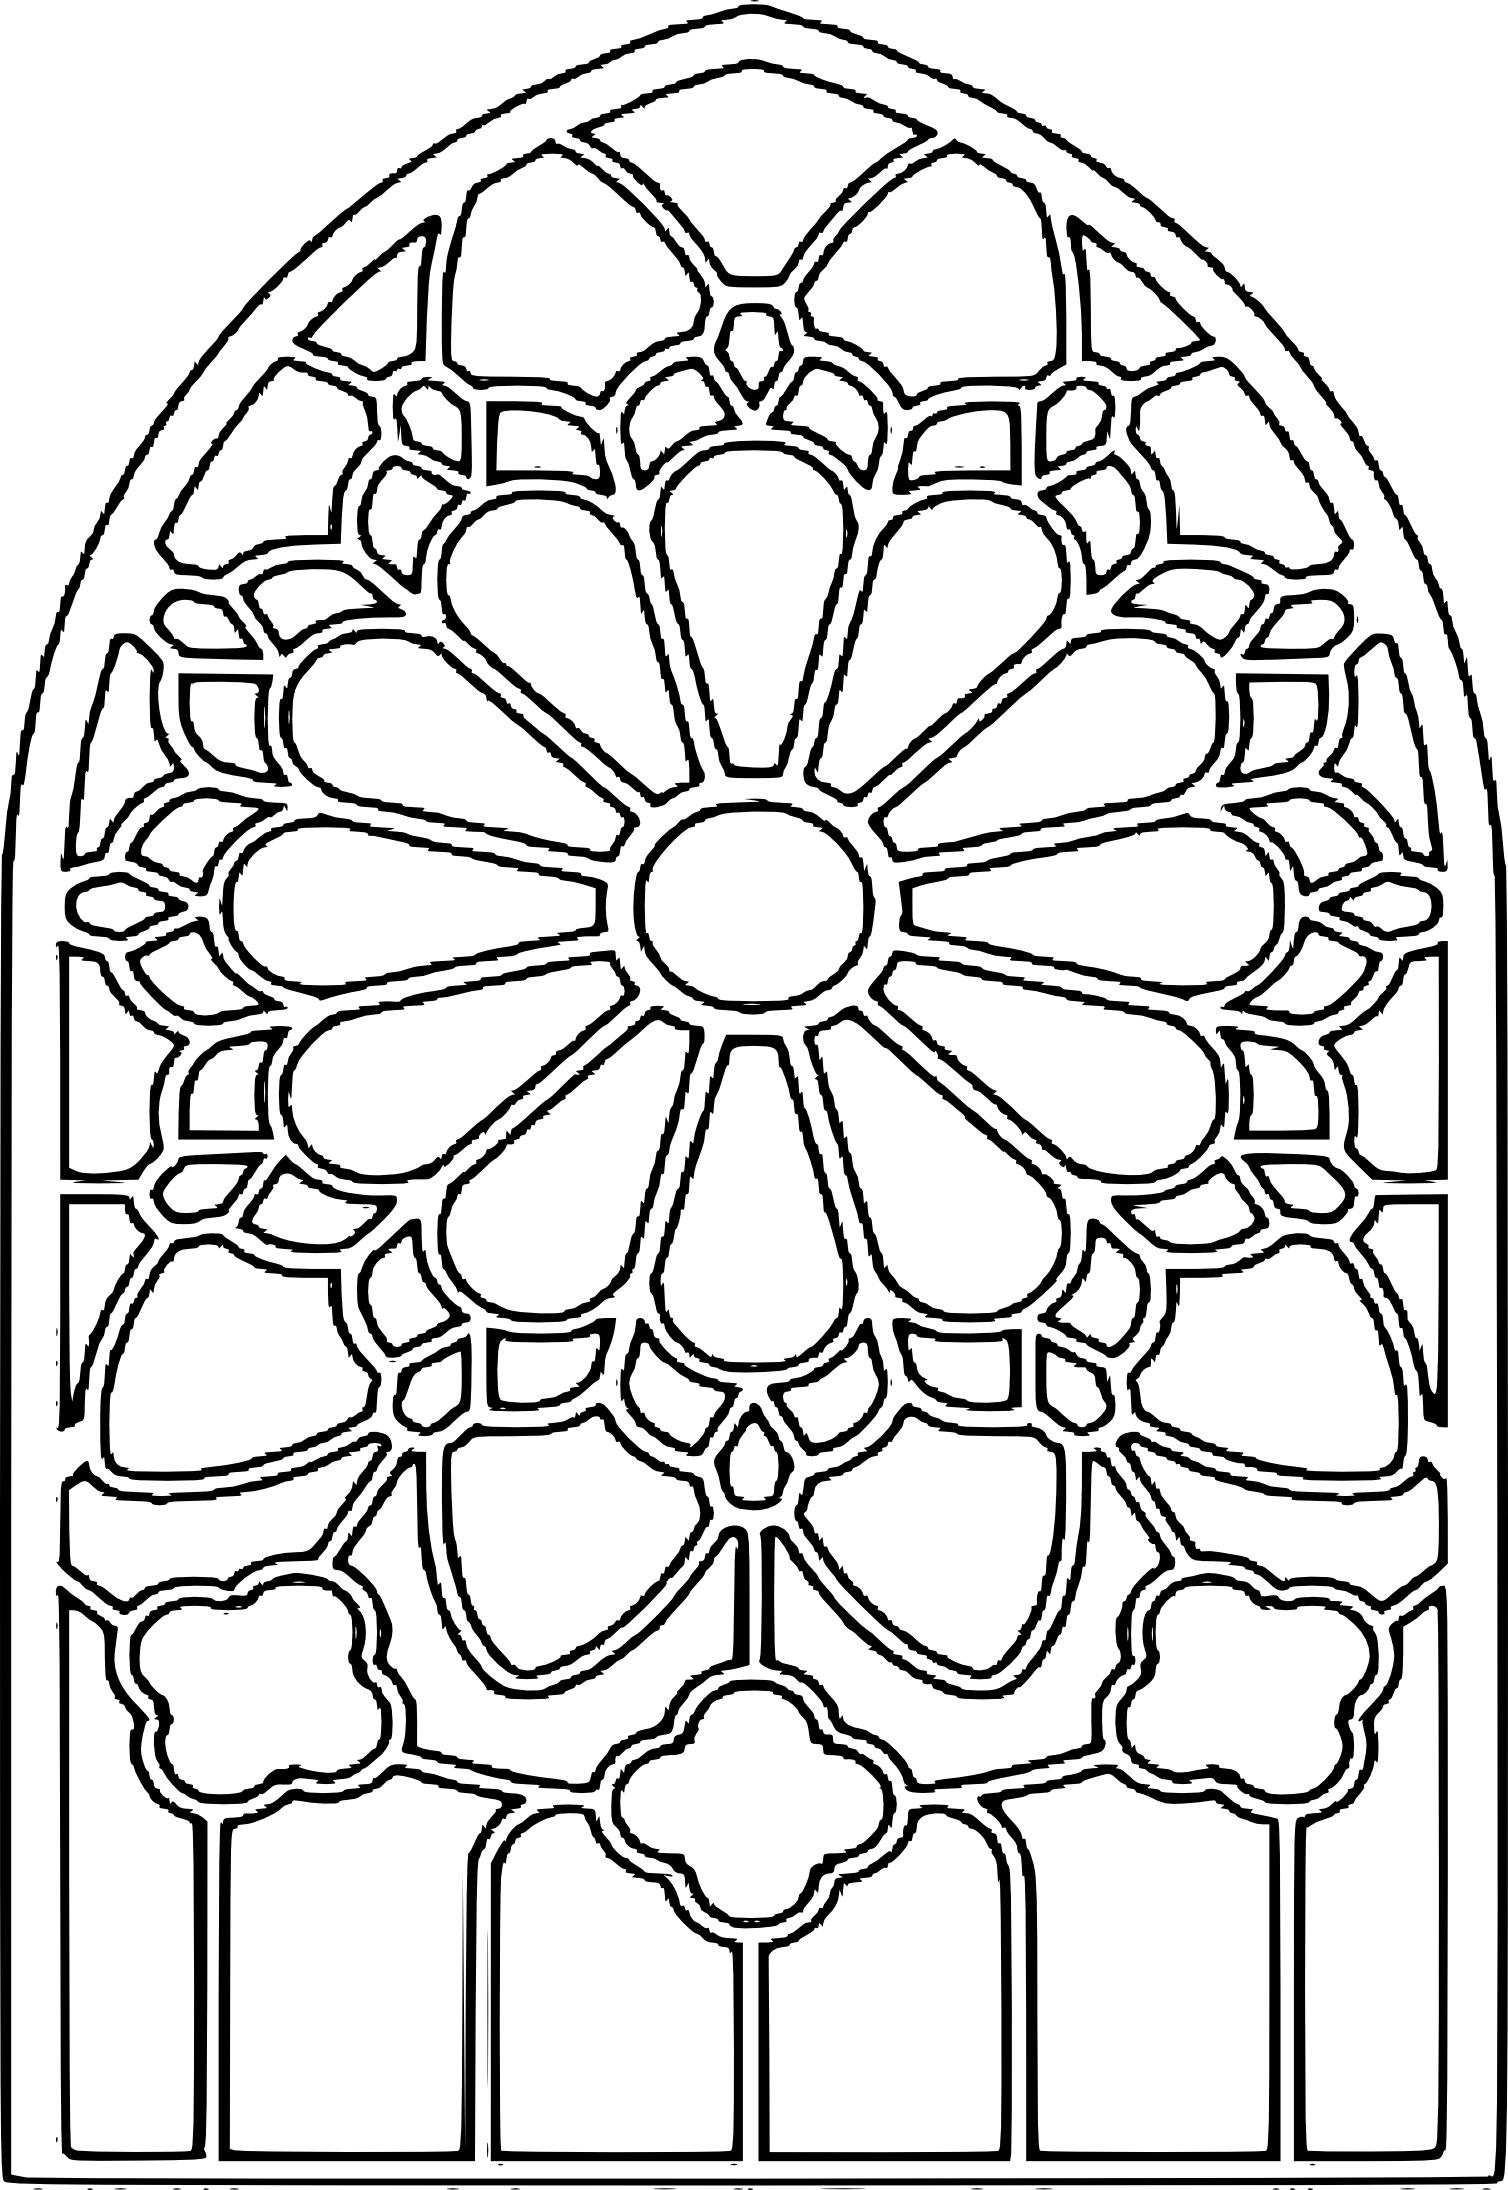 coloriage vitrail de cathedrale  u00e0 imprimer disney christmas clip art images disney christmas clipart png